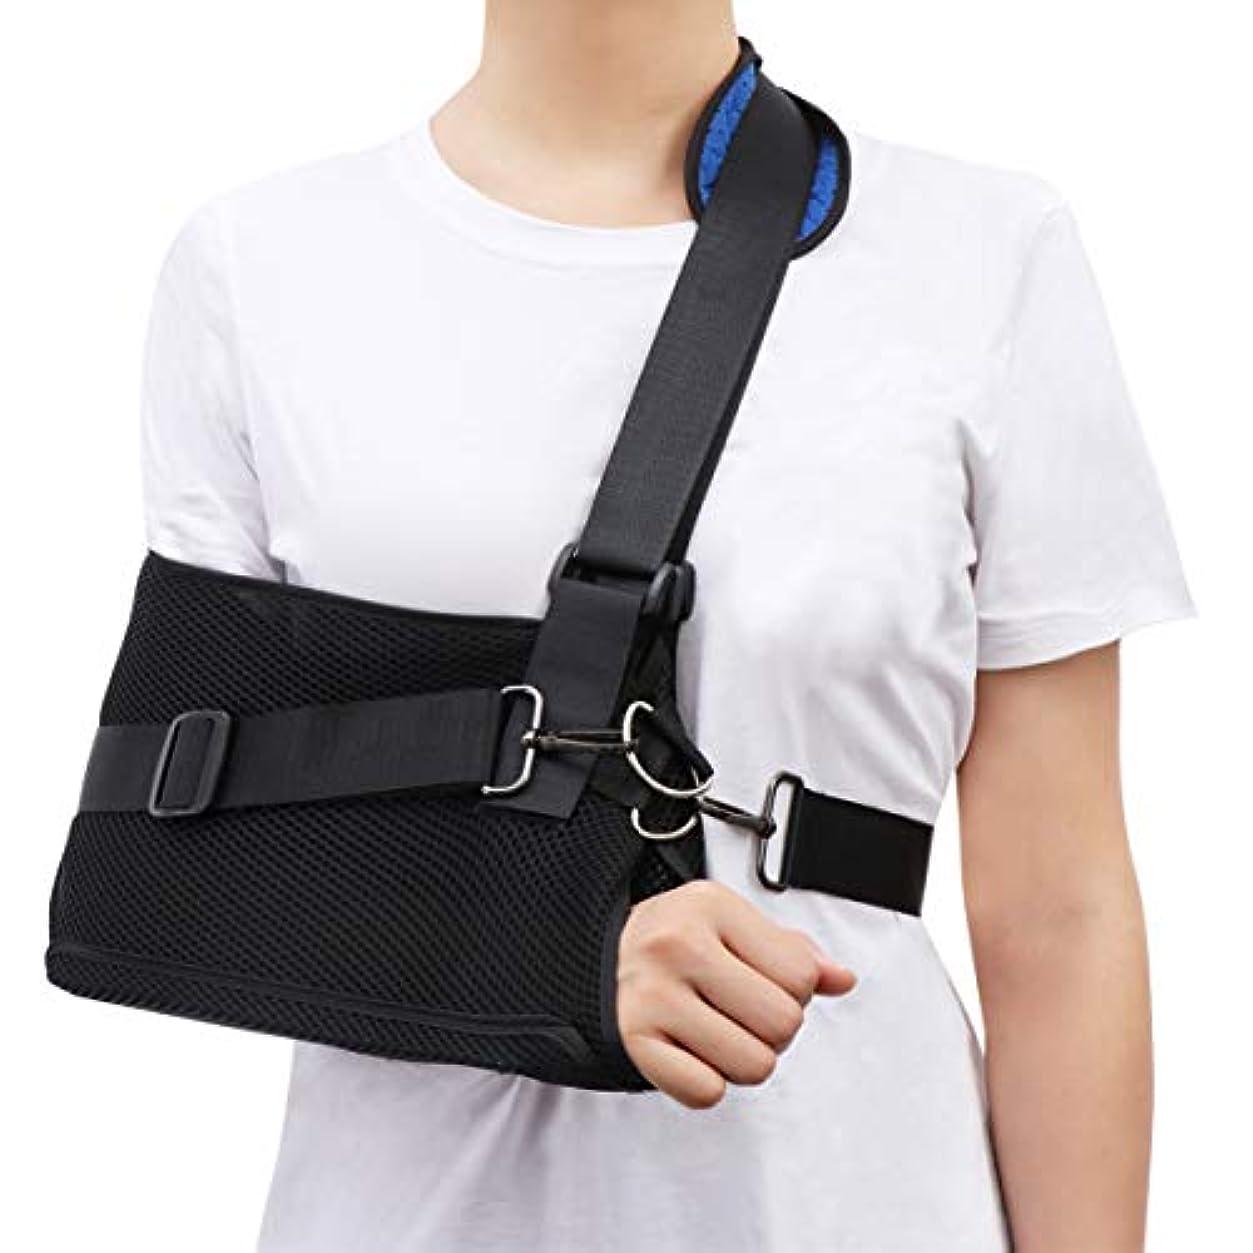 壊すパトワ専らSUPVOX 肩イモビライザースリングアームスリング医療肩イモビライザー回転子カフ手首肘前腕サポートブレースストラップ